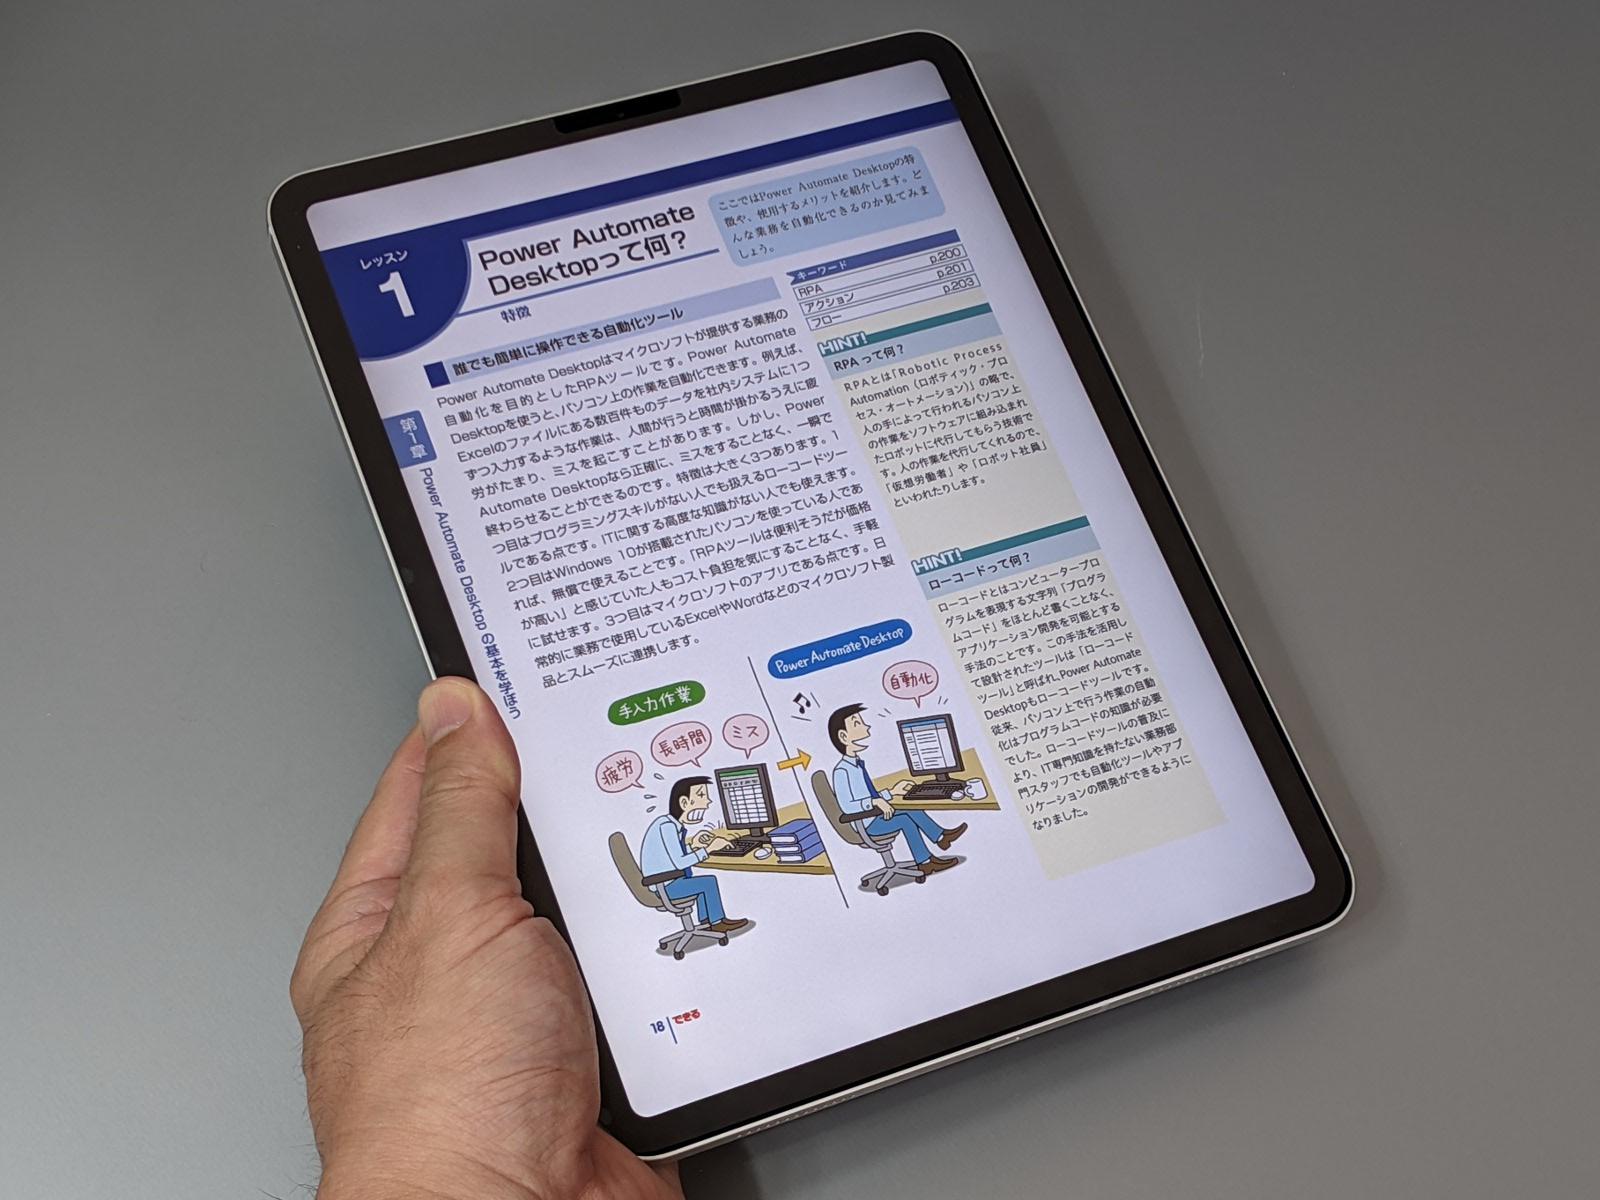 11インチiPad Pro。このほか画面サイズが近い現行ラインナップとしては、iPad Air(10.9型)、iPad(10.2型)がある